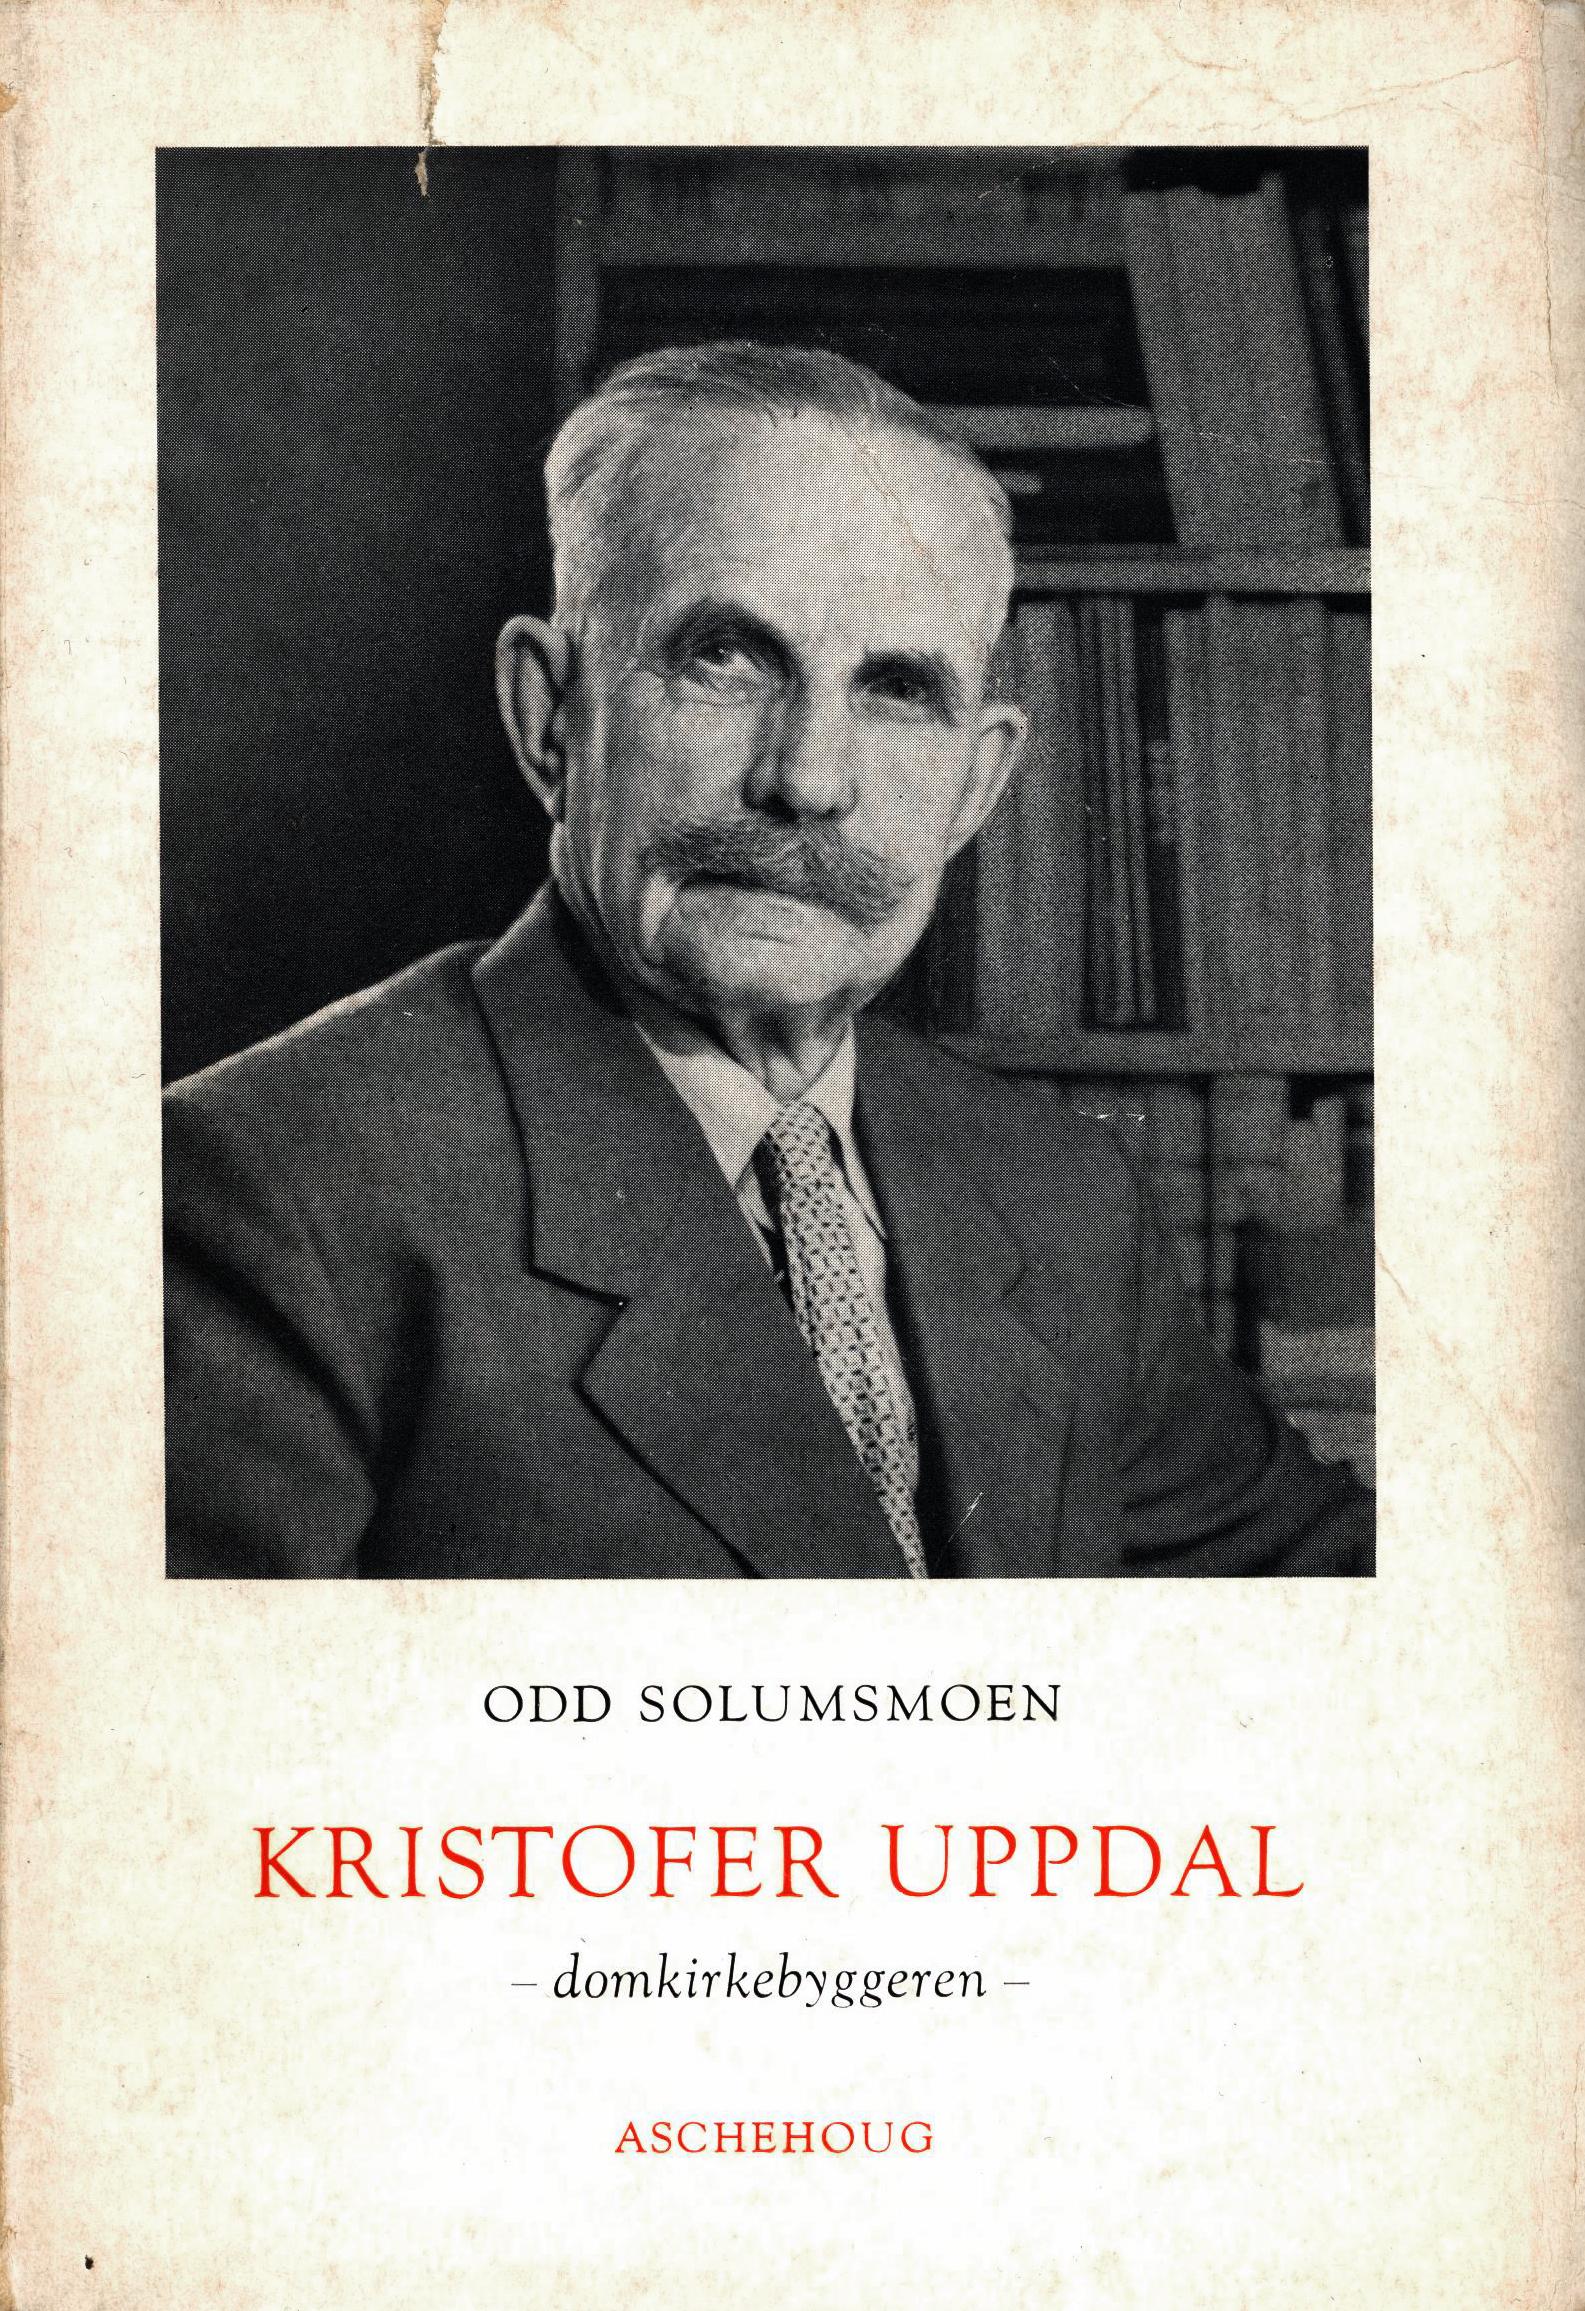 Odd Solumsmoen: Kristofer Uppdal - Domkirkebyggeren